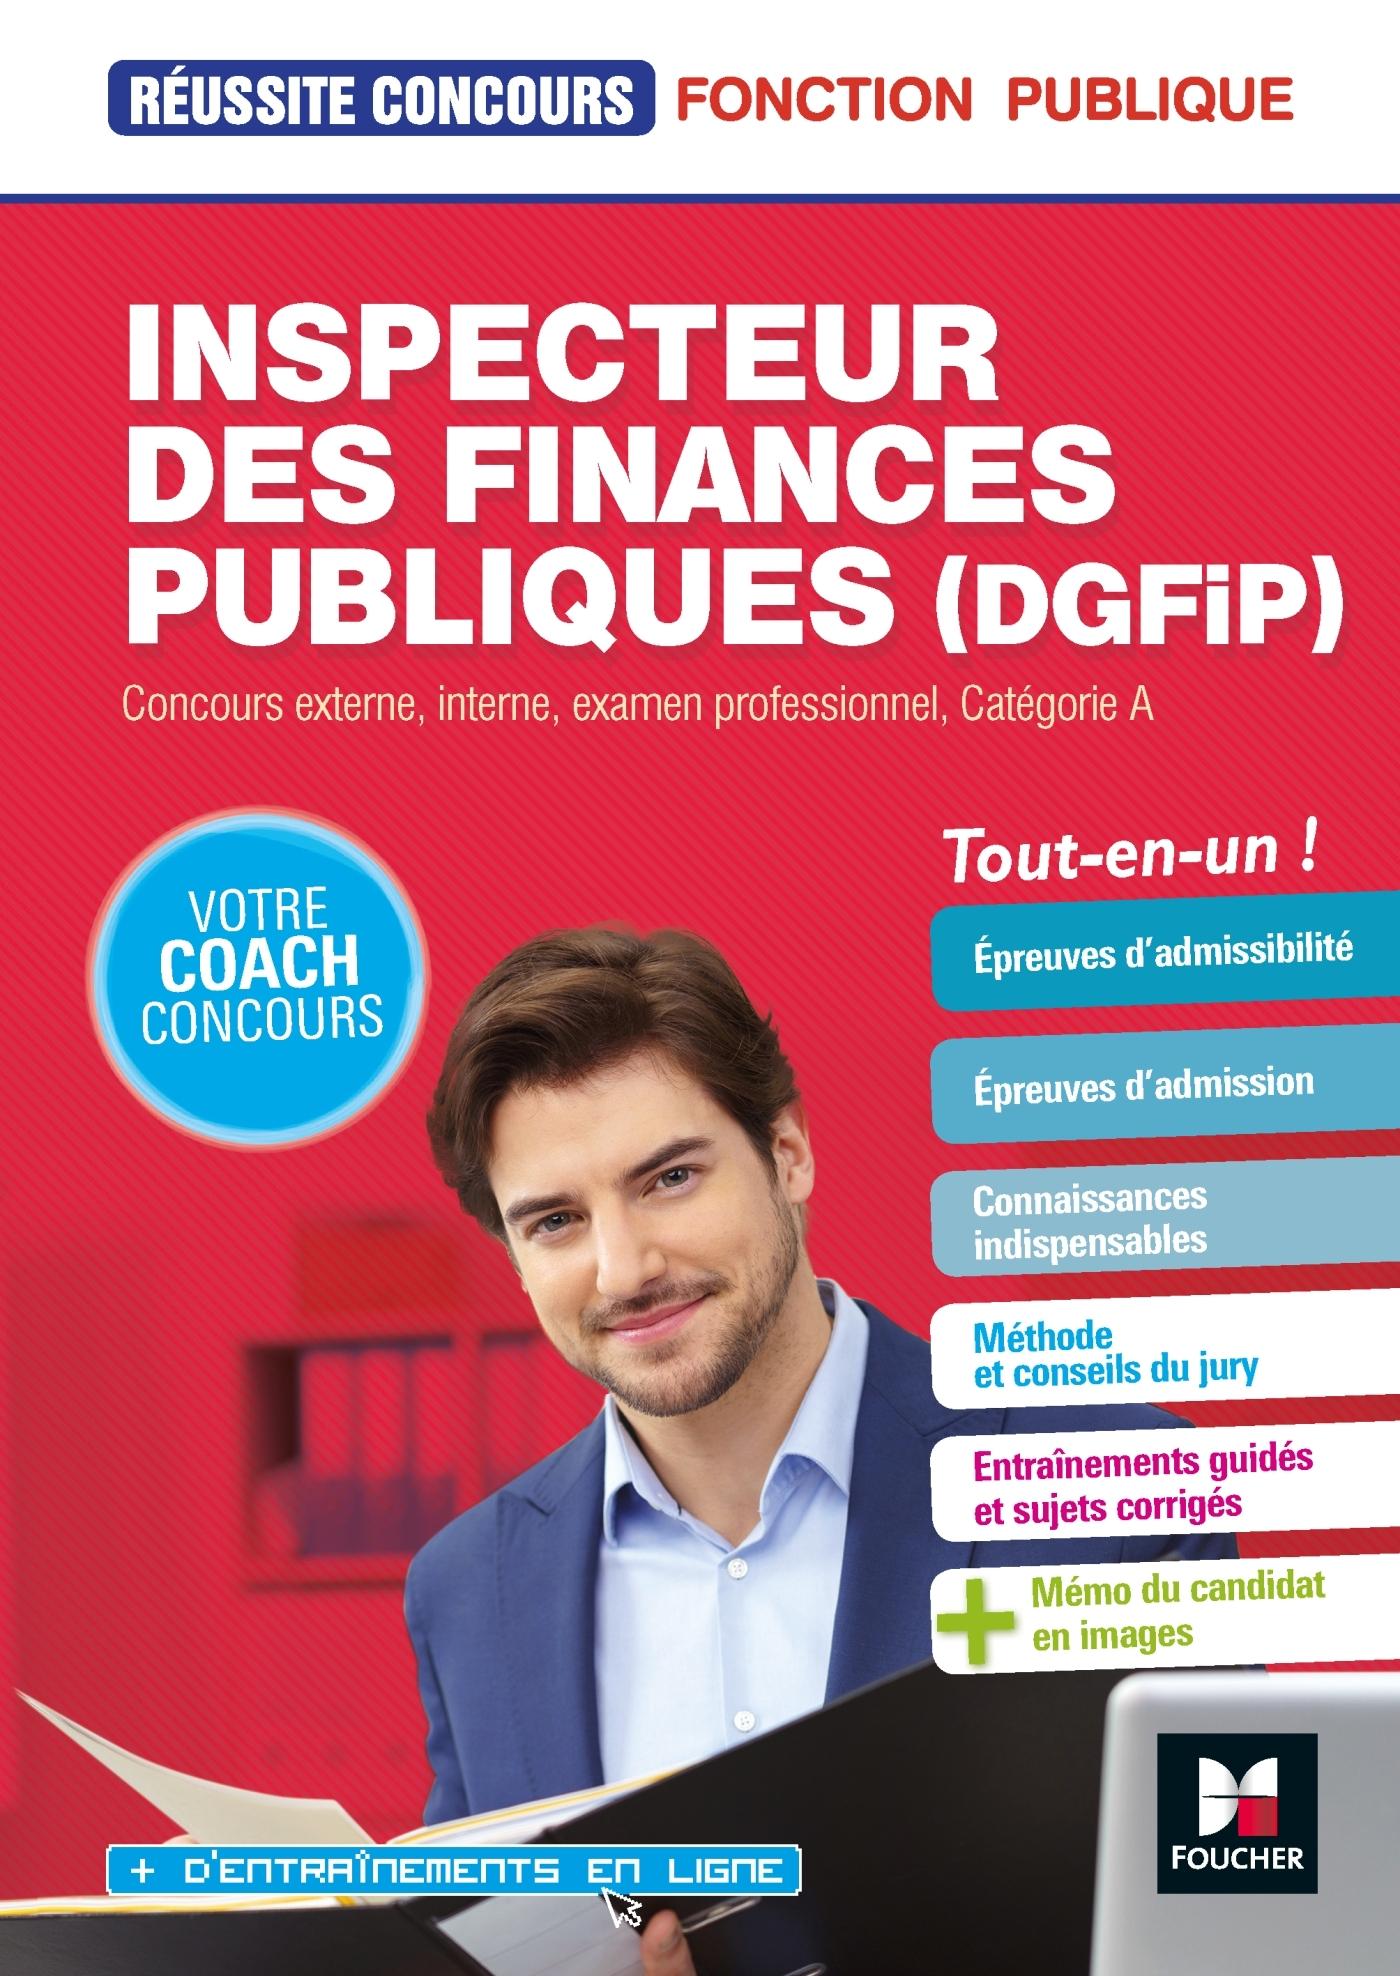 REUSSITE CONCOURS INSPECTEUR DGFIP 2018-2019